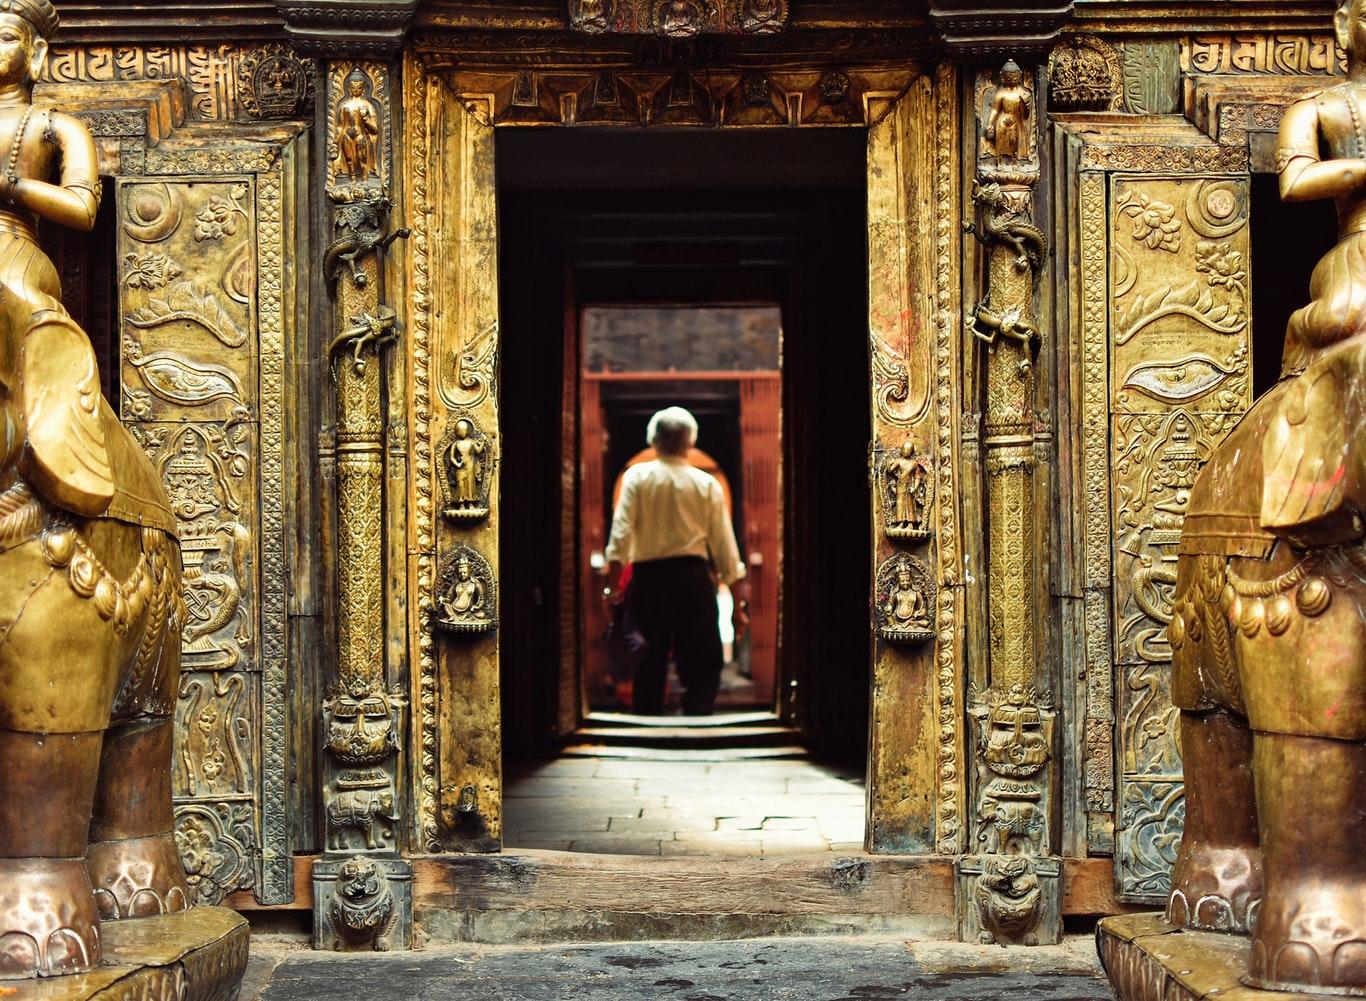 Dove vuoi andare? - HOLIRAM crea il tuo viaggio e lo arricchisce con attività legate alle discipline olistiche ed orientali, workshop di meditazione e yoga.👉Scopri gli itinerari